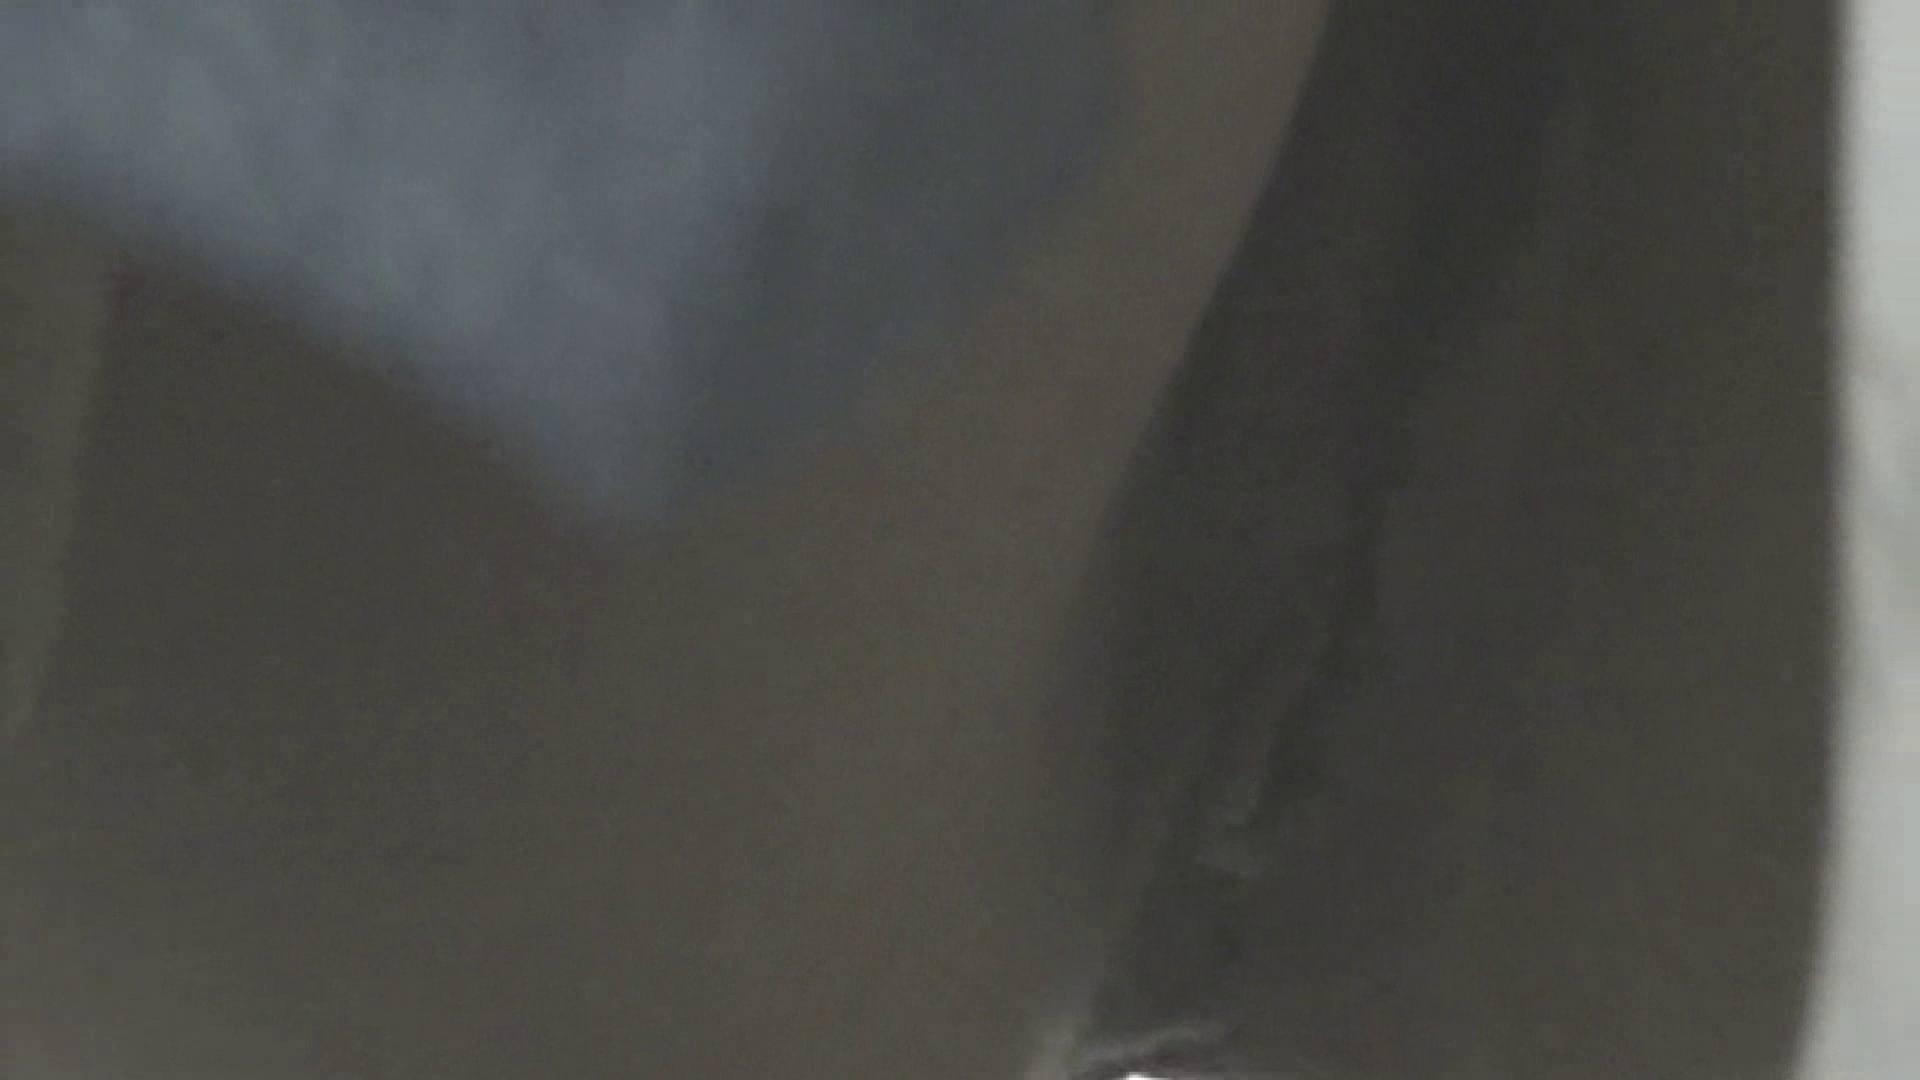 ロックハンドさんの盗撮記録File.02 無修正マンコ 濡れ場動画紹介 82連発 27